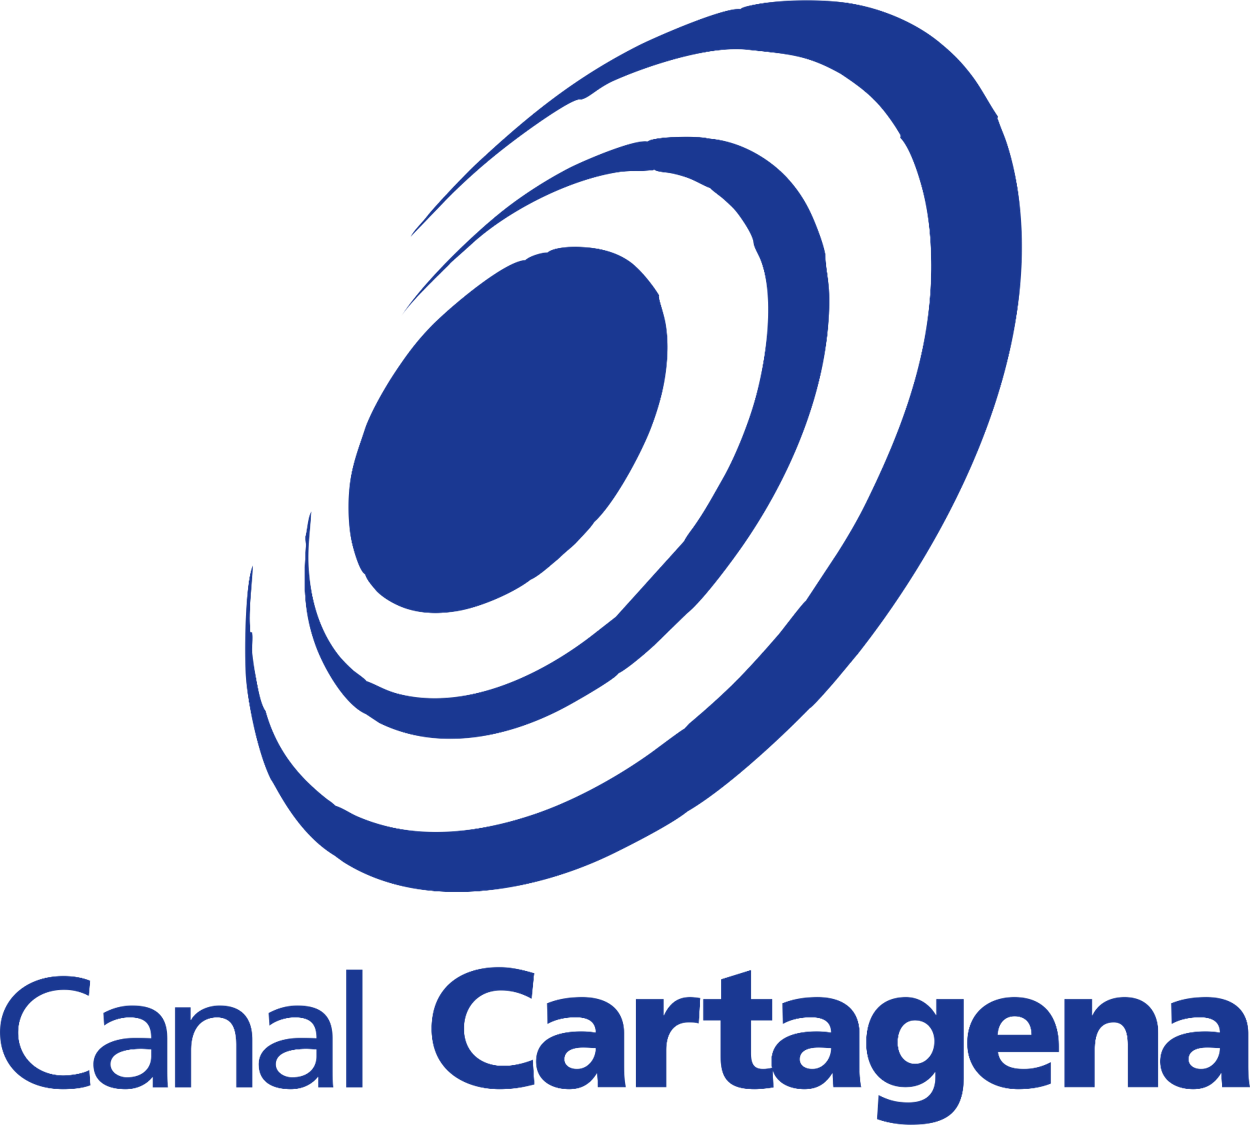 Canal Cartagena